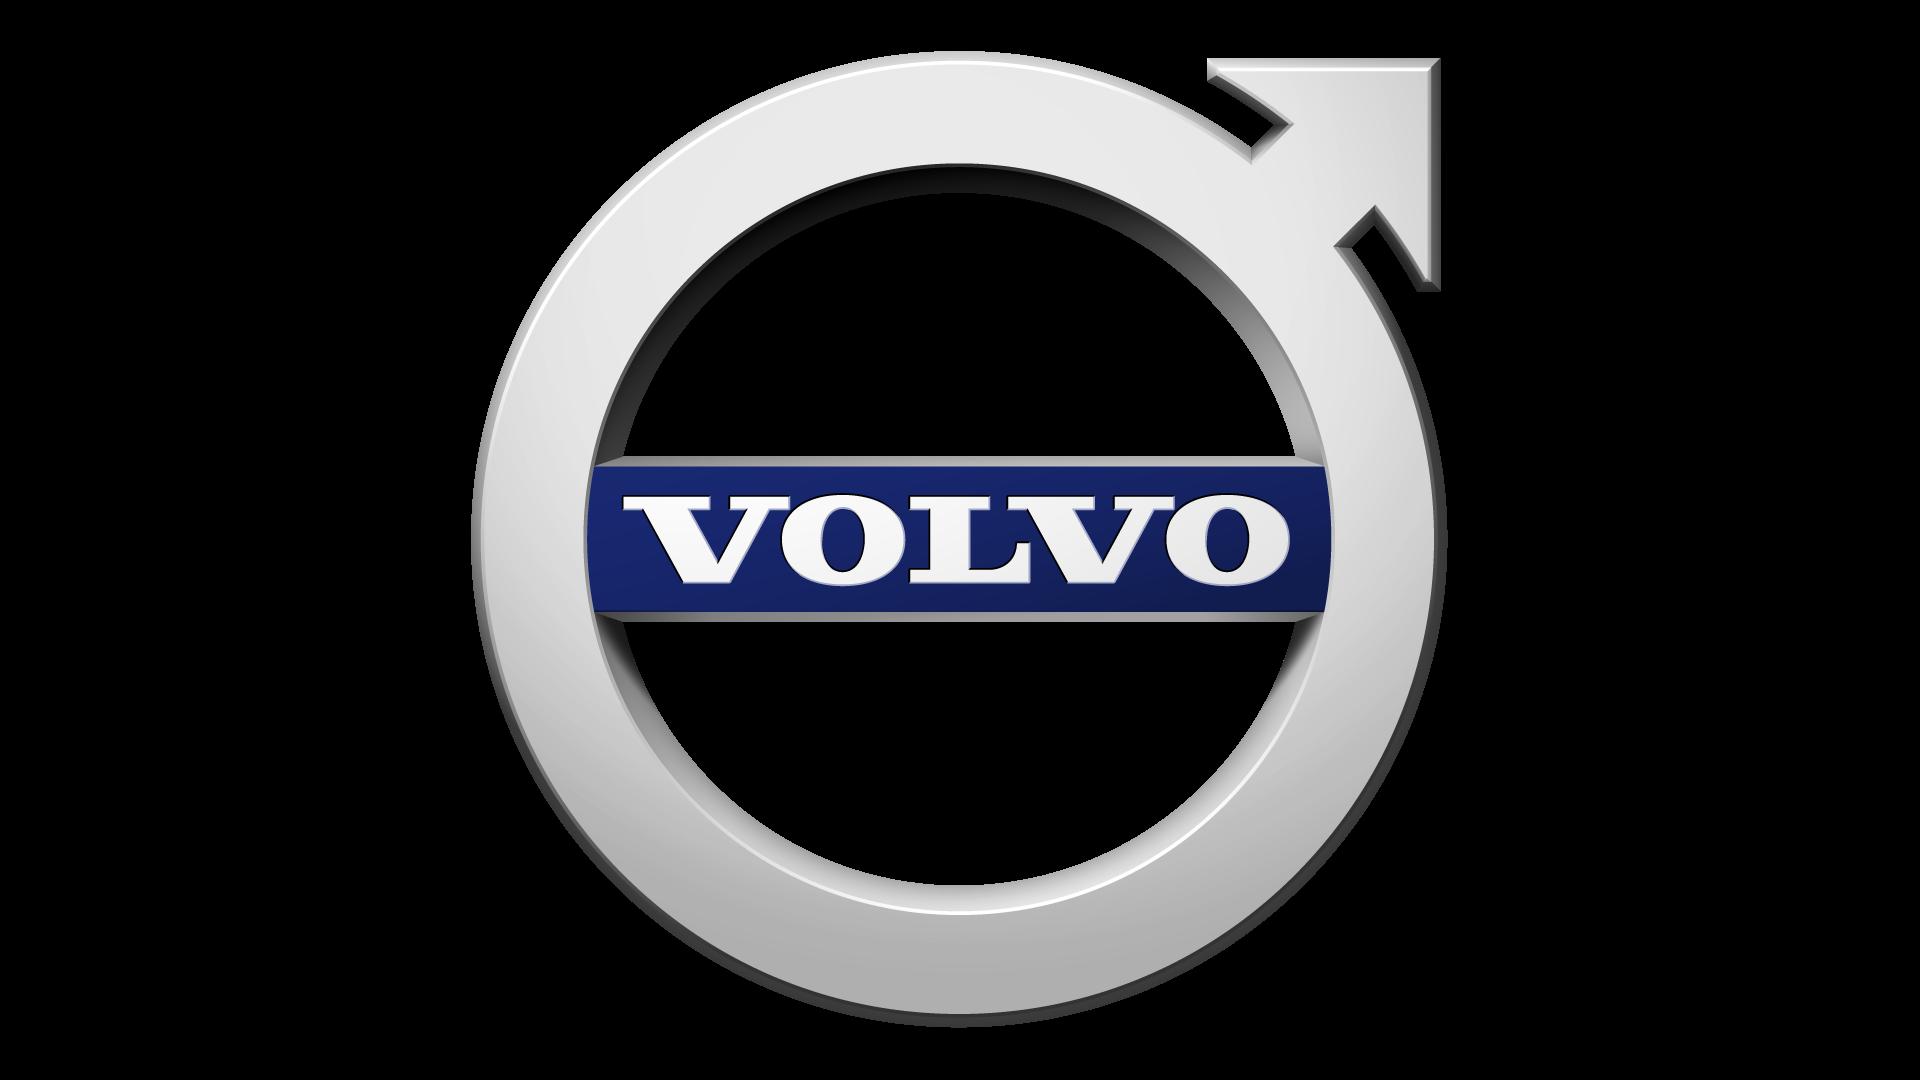 https://0201.nccdn.net/1_2/000/000/147/d30/Volvo-1920x1080.png